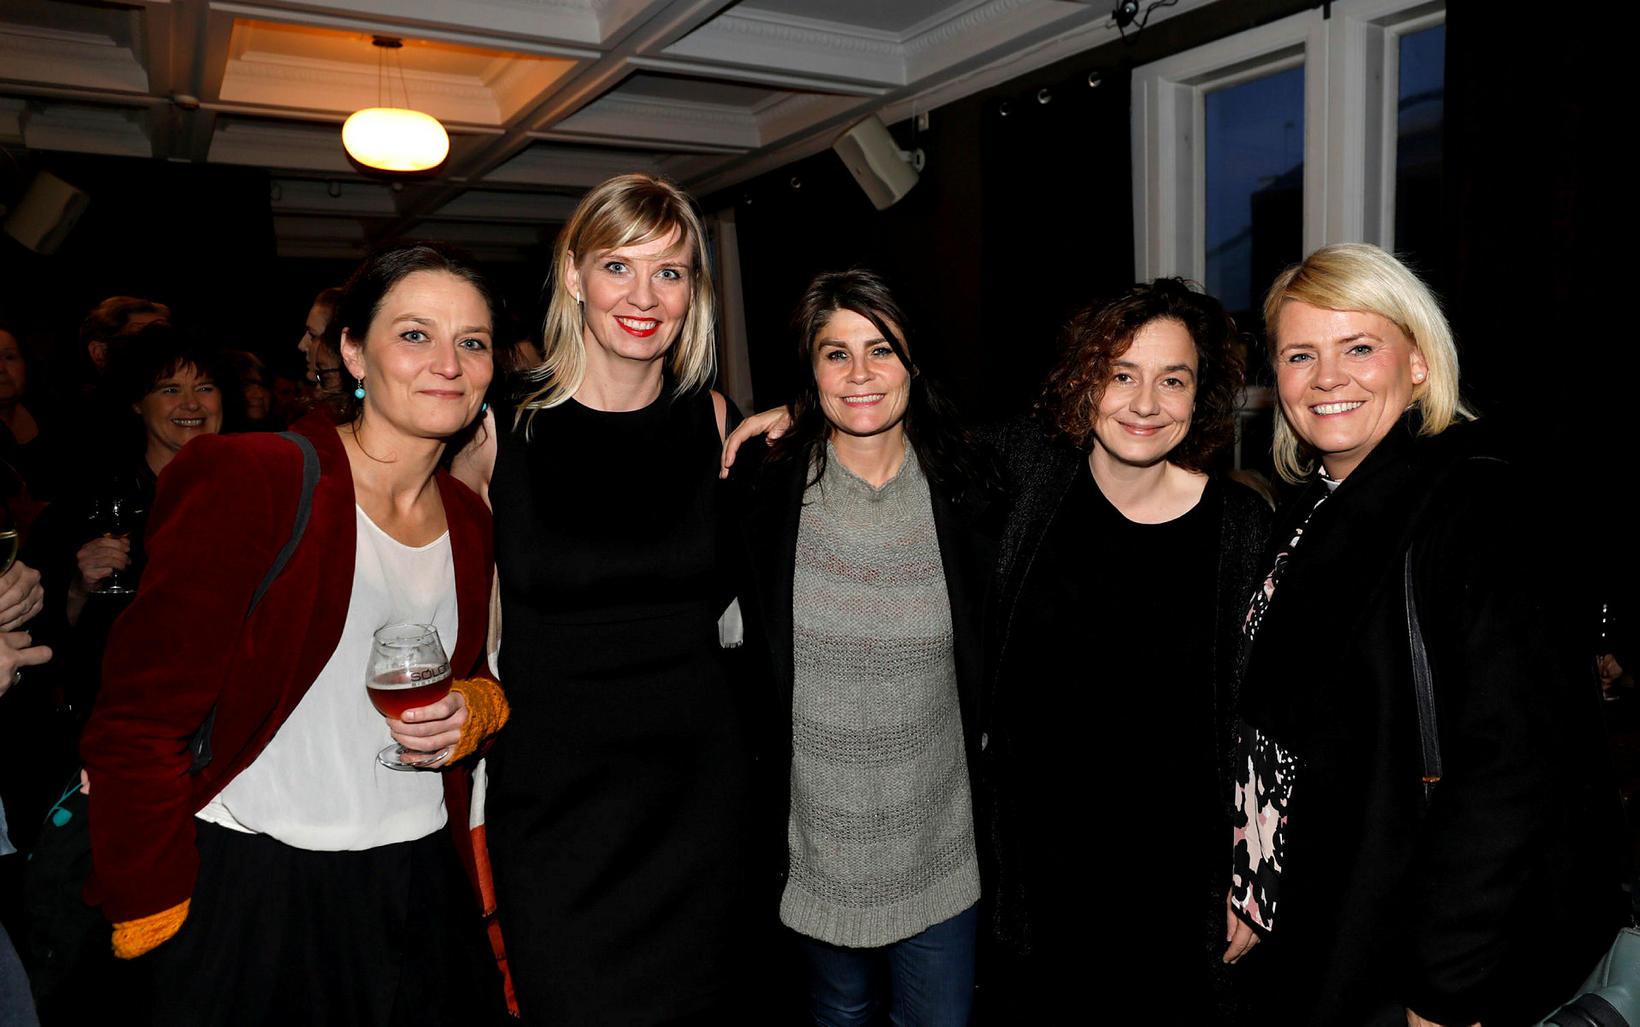 Margrét Marteinsdóttir, Bryndís Ísfold, Ísold Uggadóttir, Auður Jónsdóttir og Brynhildur …